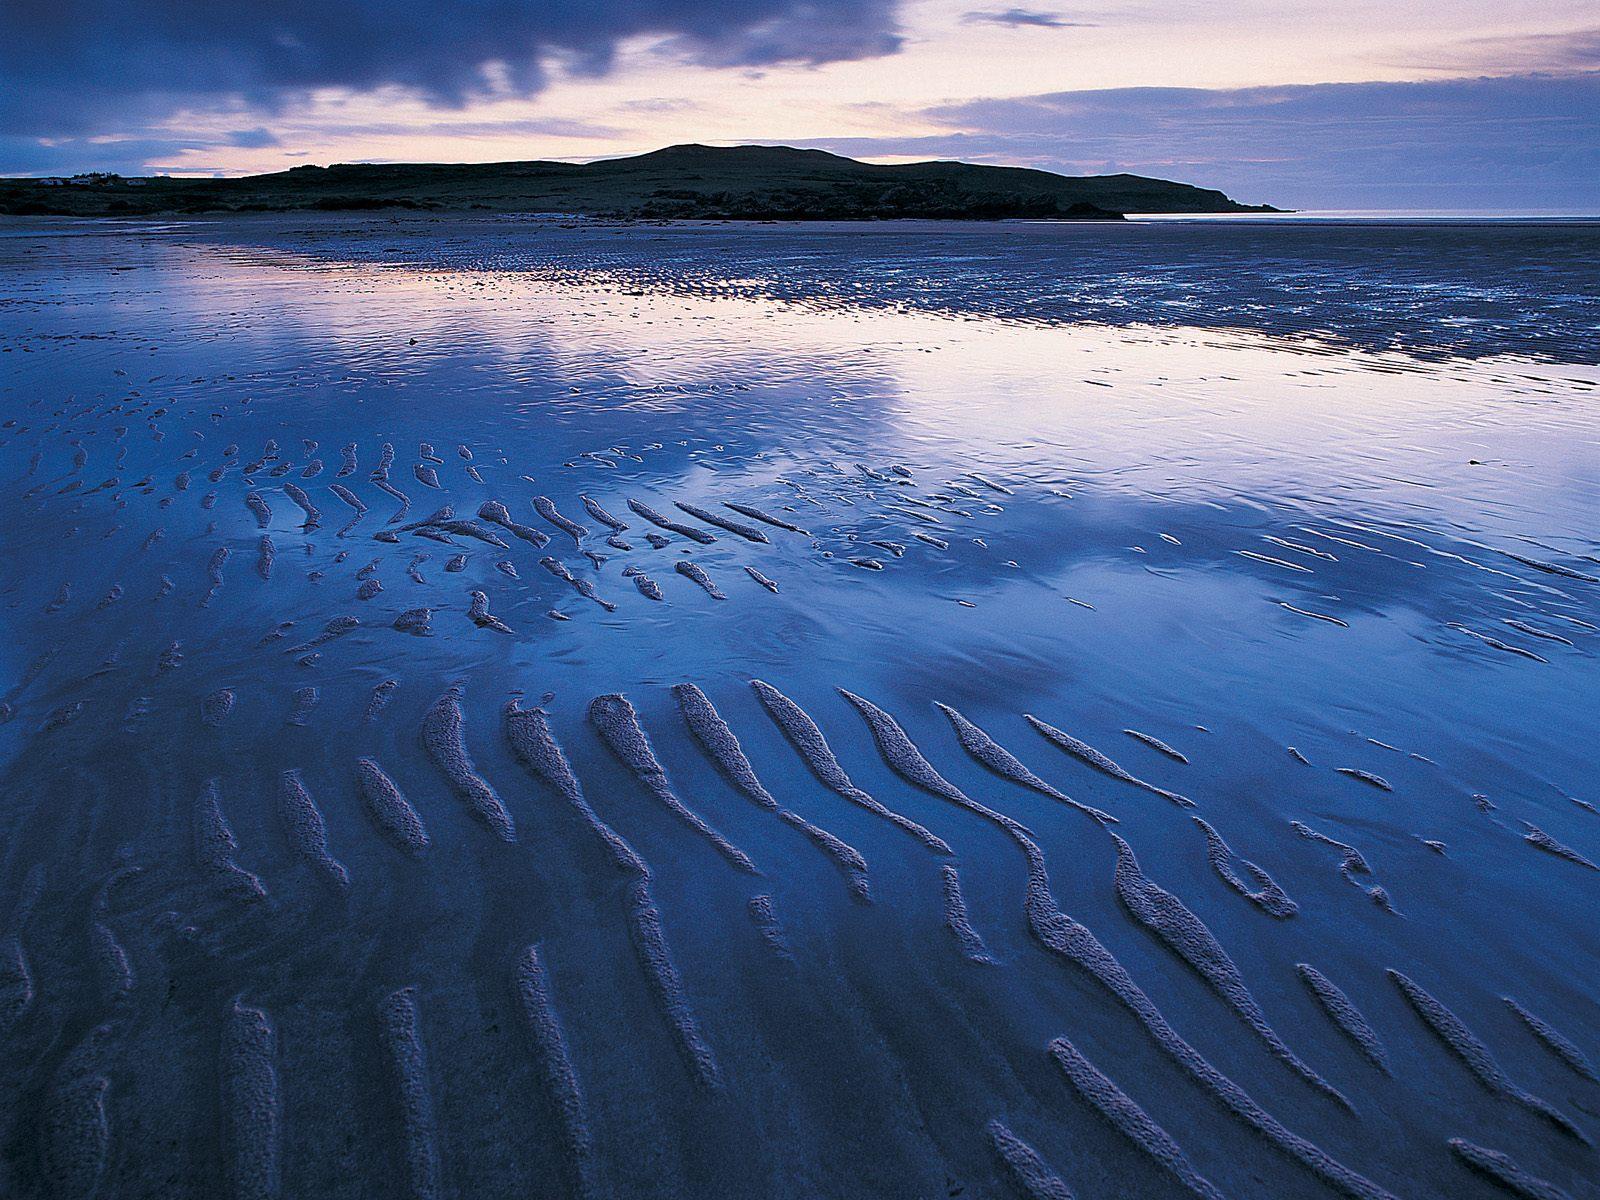 http://4.bp.blogspot.com/-42KthyfxyYo/T0aH8D8l73I/AAAAAAAADTg/tP9CH3VpFJg/s1600/Achnahaird_Beach_Scotland.jpg